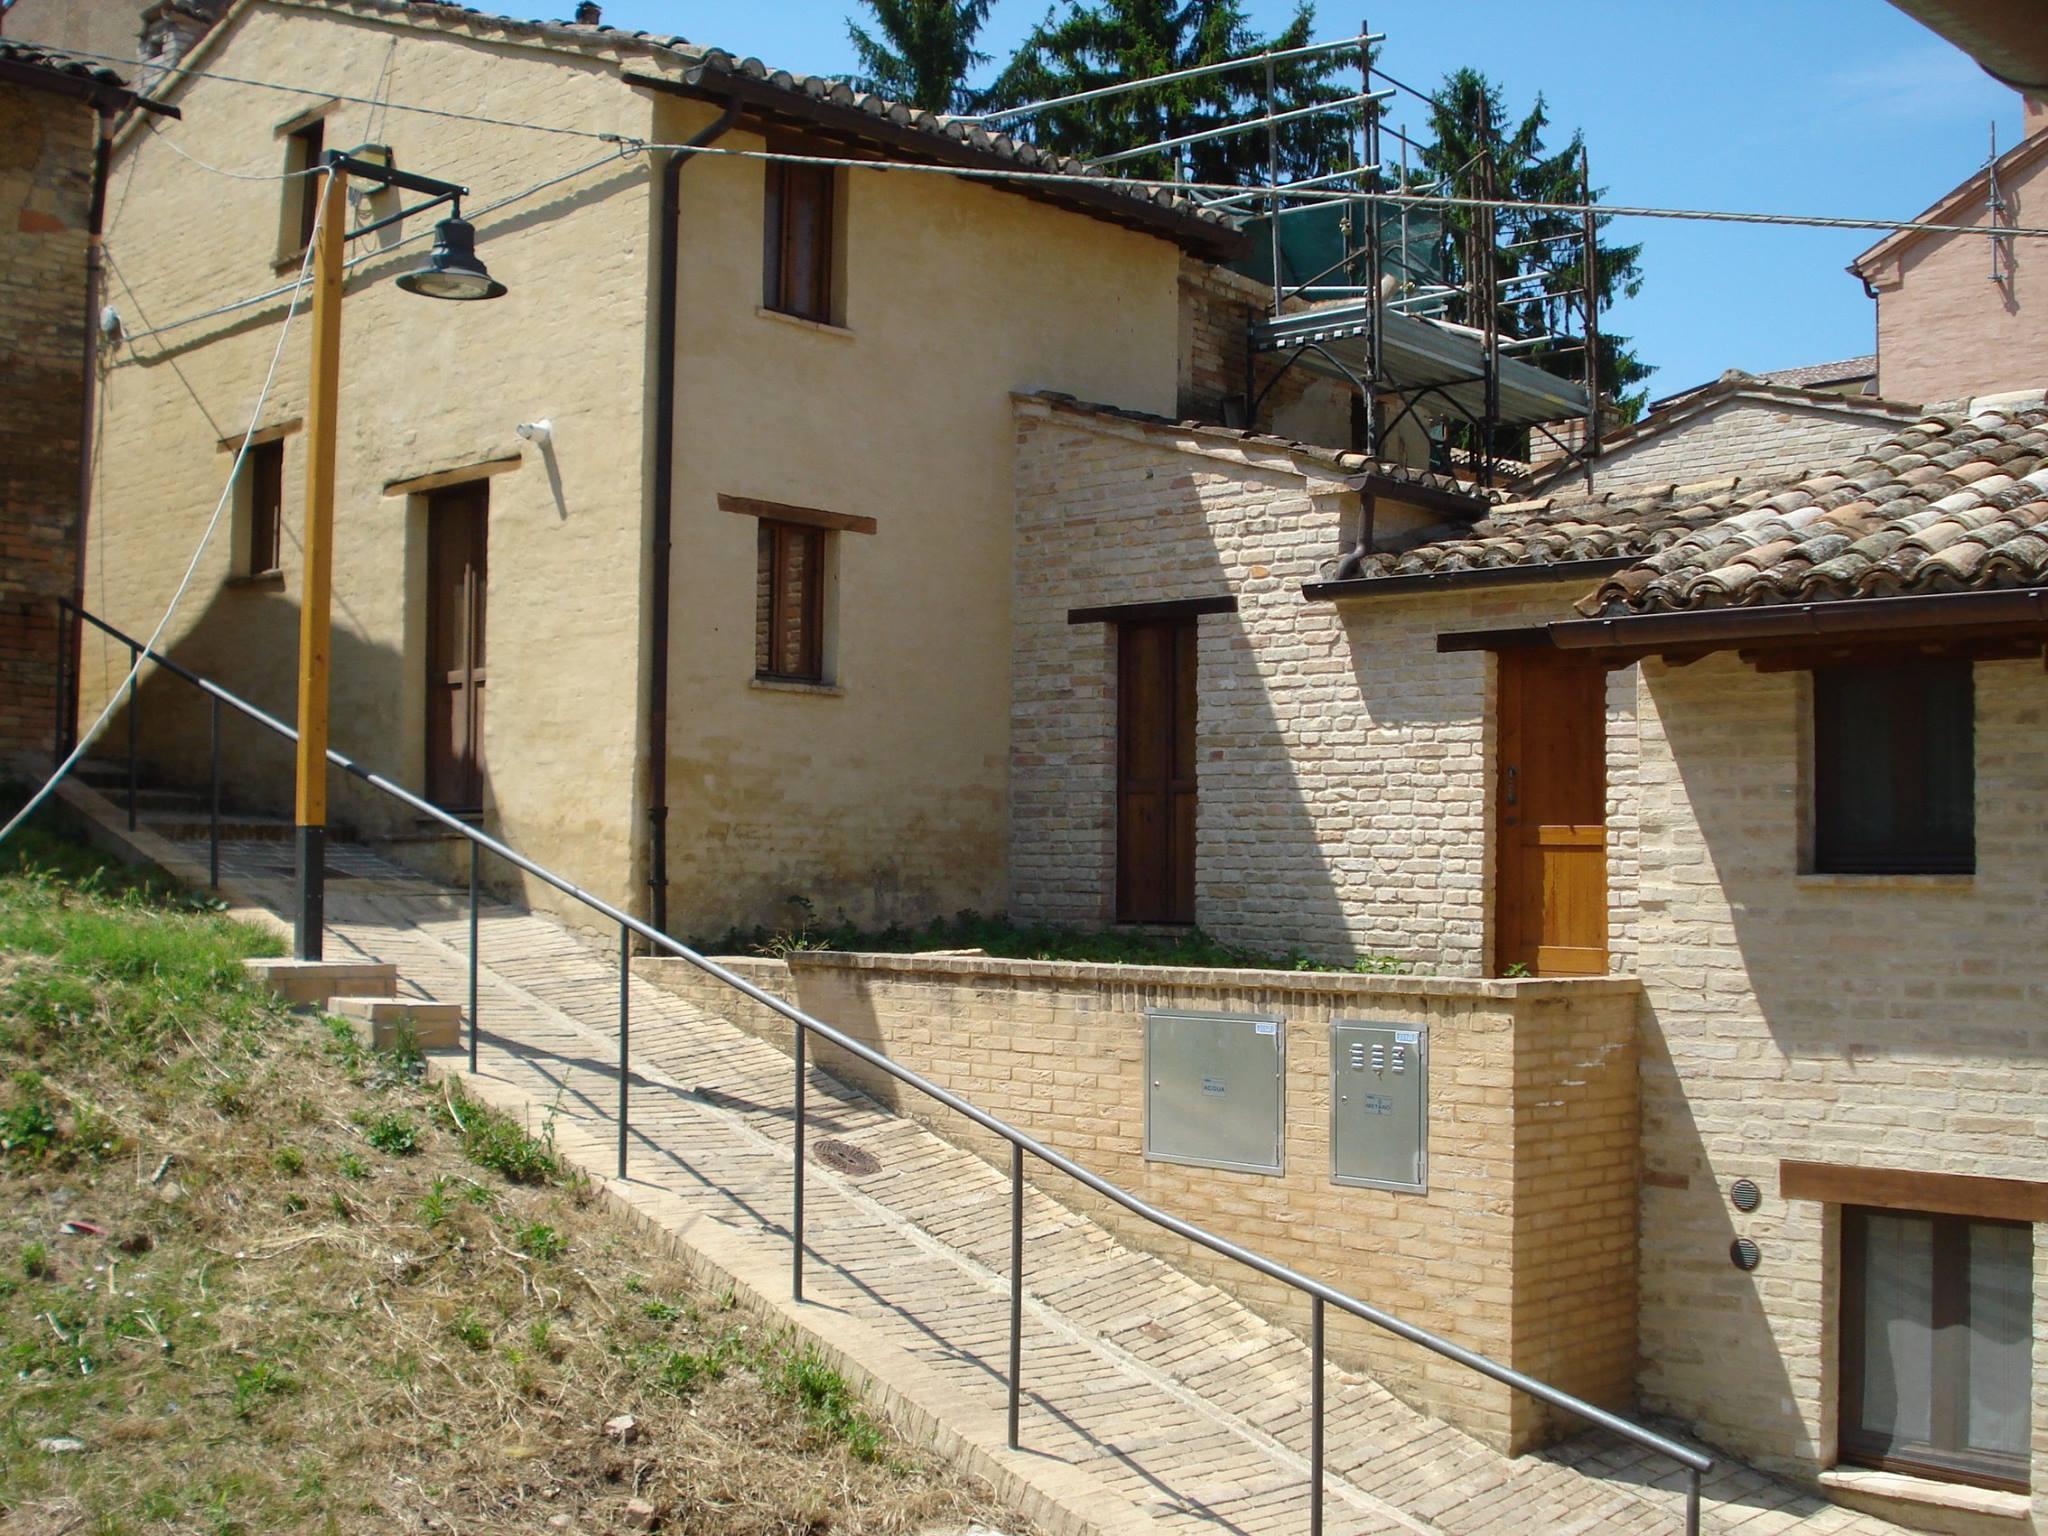 Ecomuseo. Le case di terra a Villa Ficana tornano a vivere